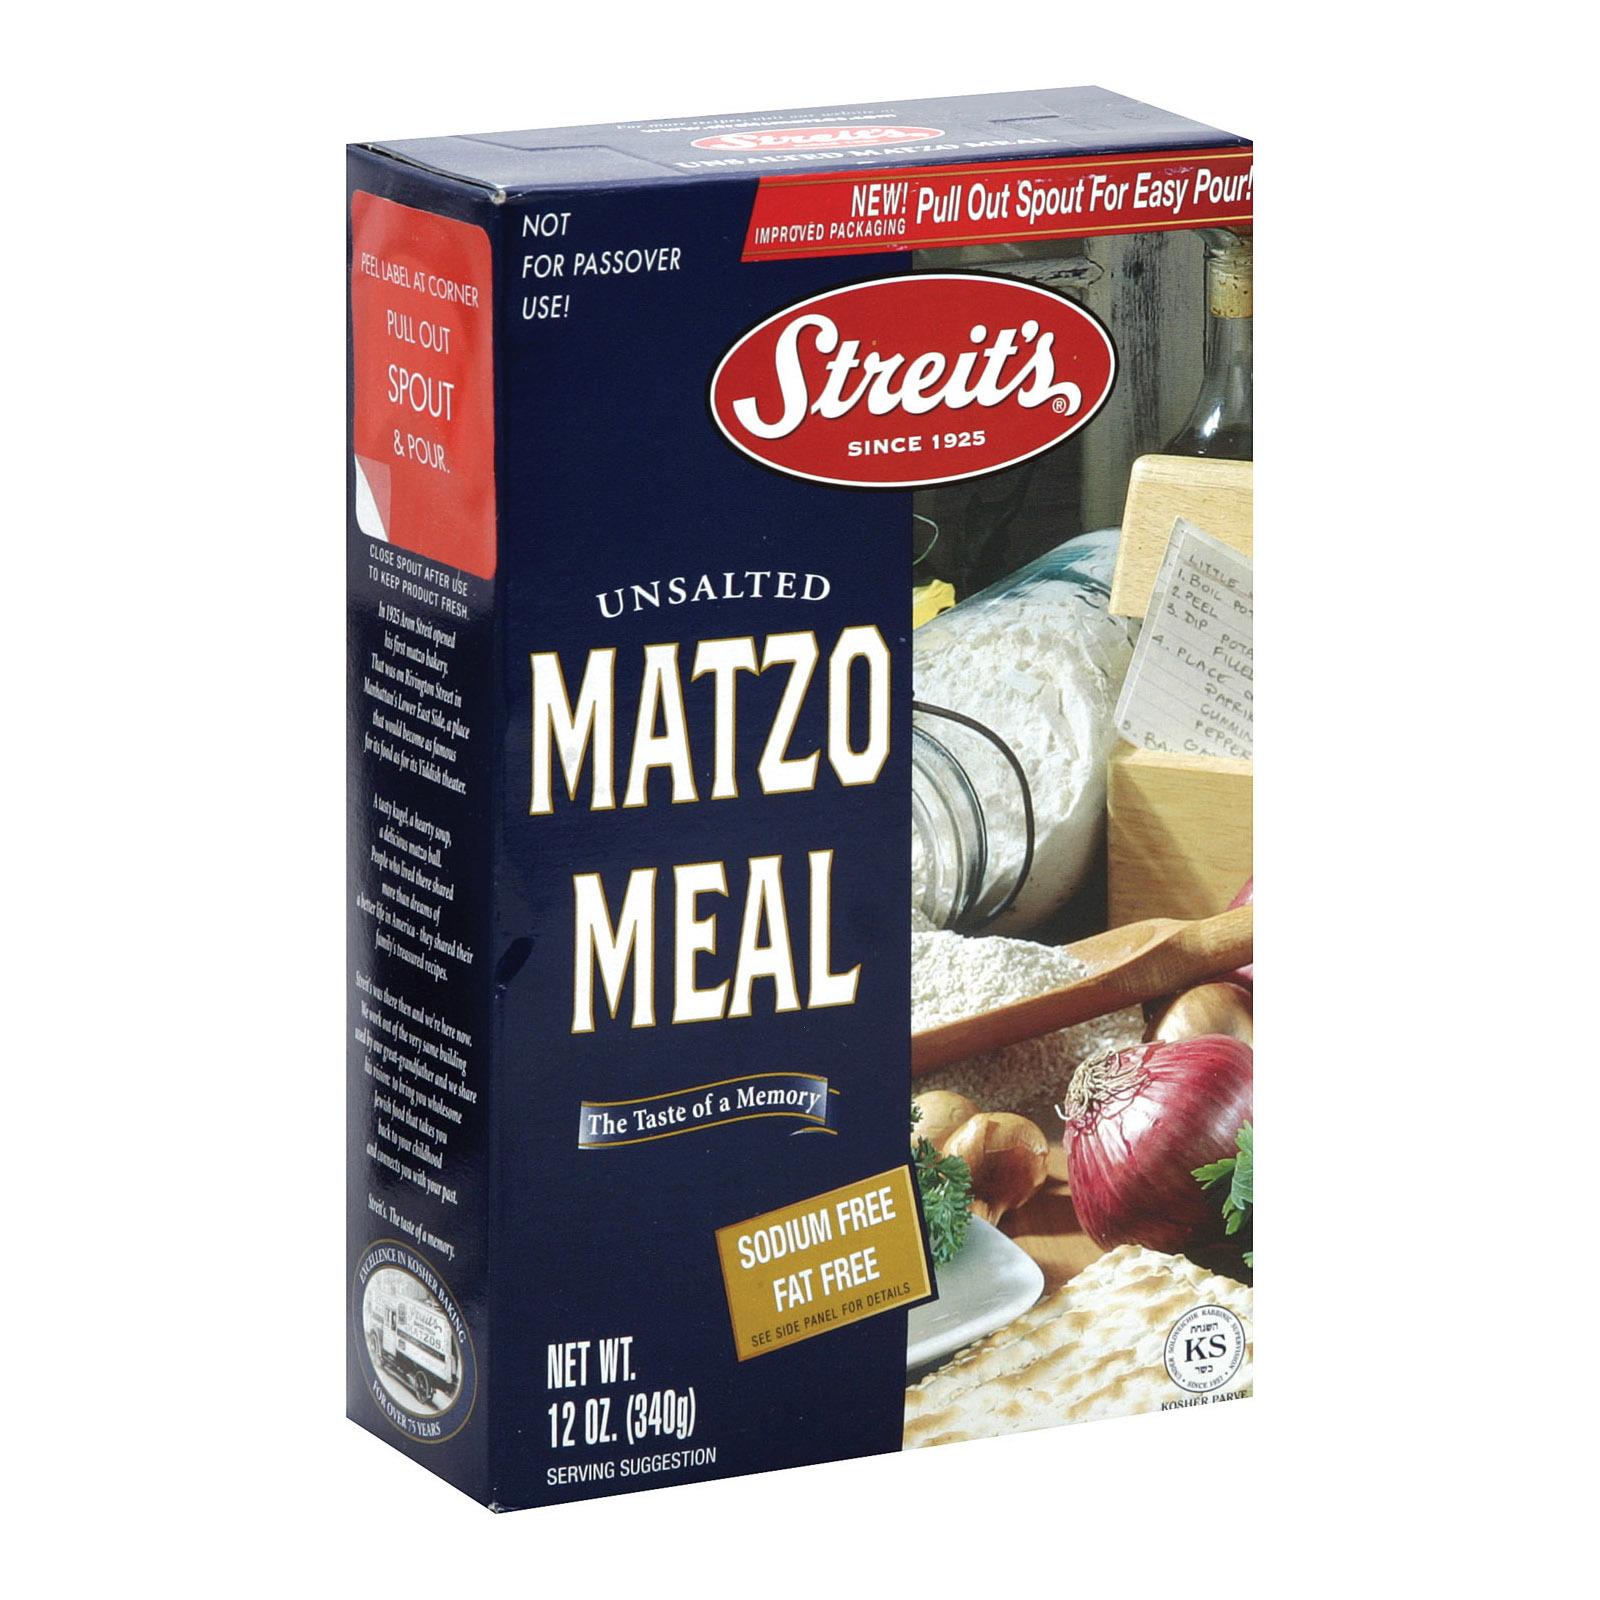 Streit's Matzo - Meal - 12 oz.